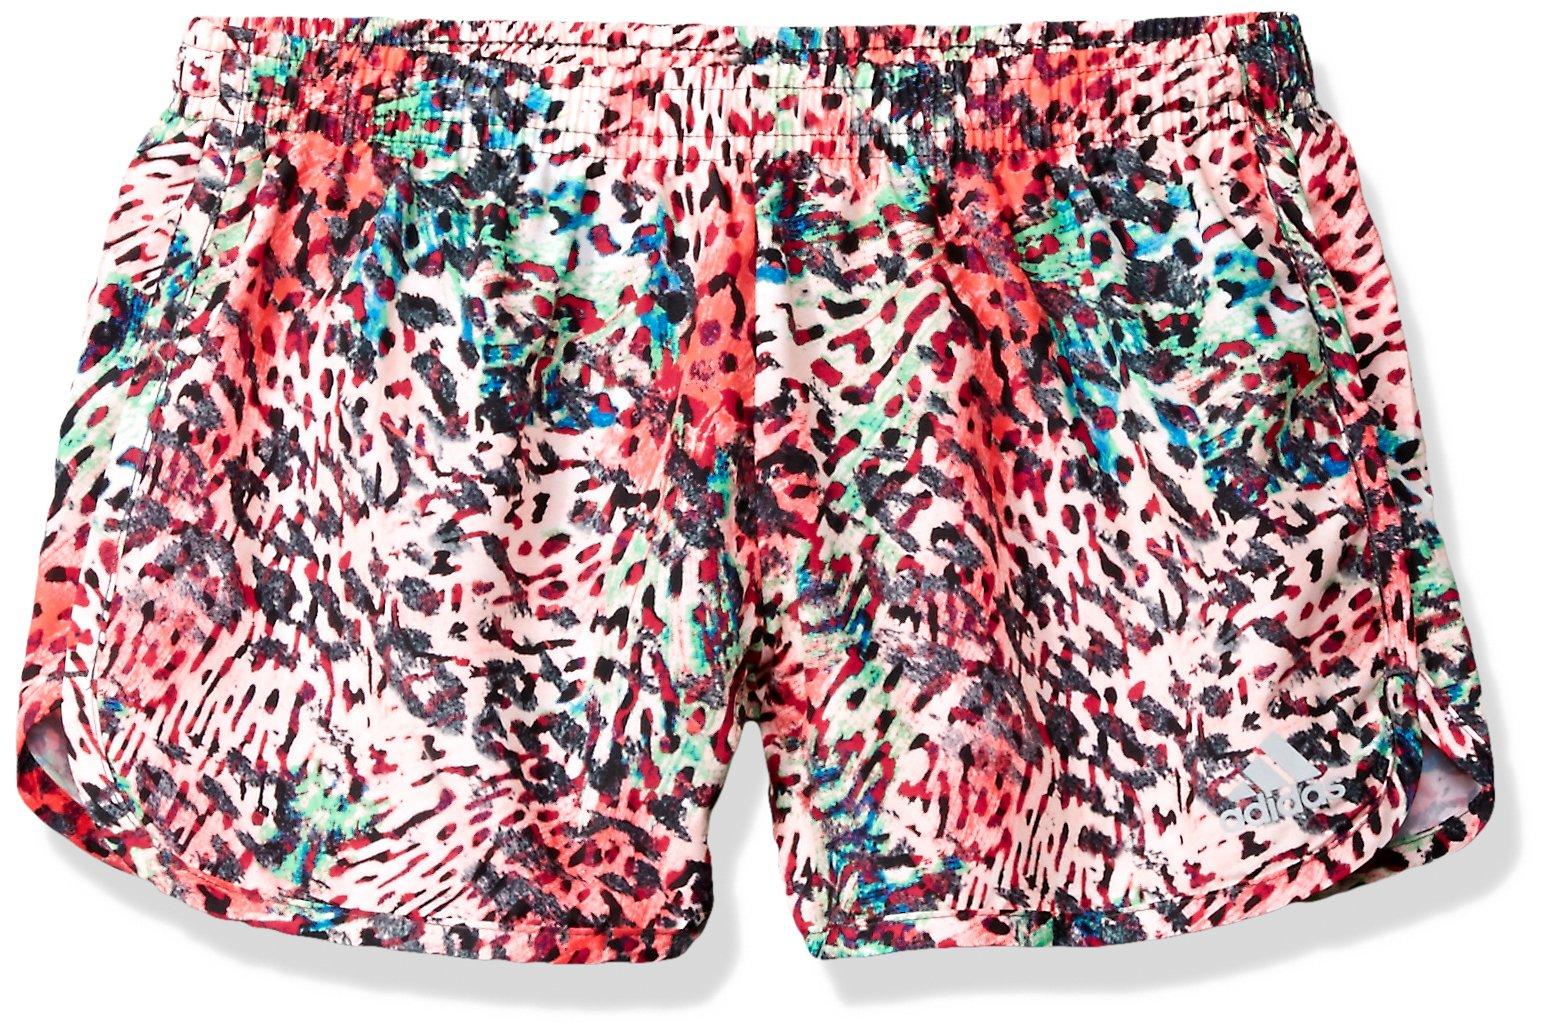 adidas Big Girls' Athletic Shorts, Splash Print, Medium